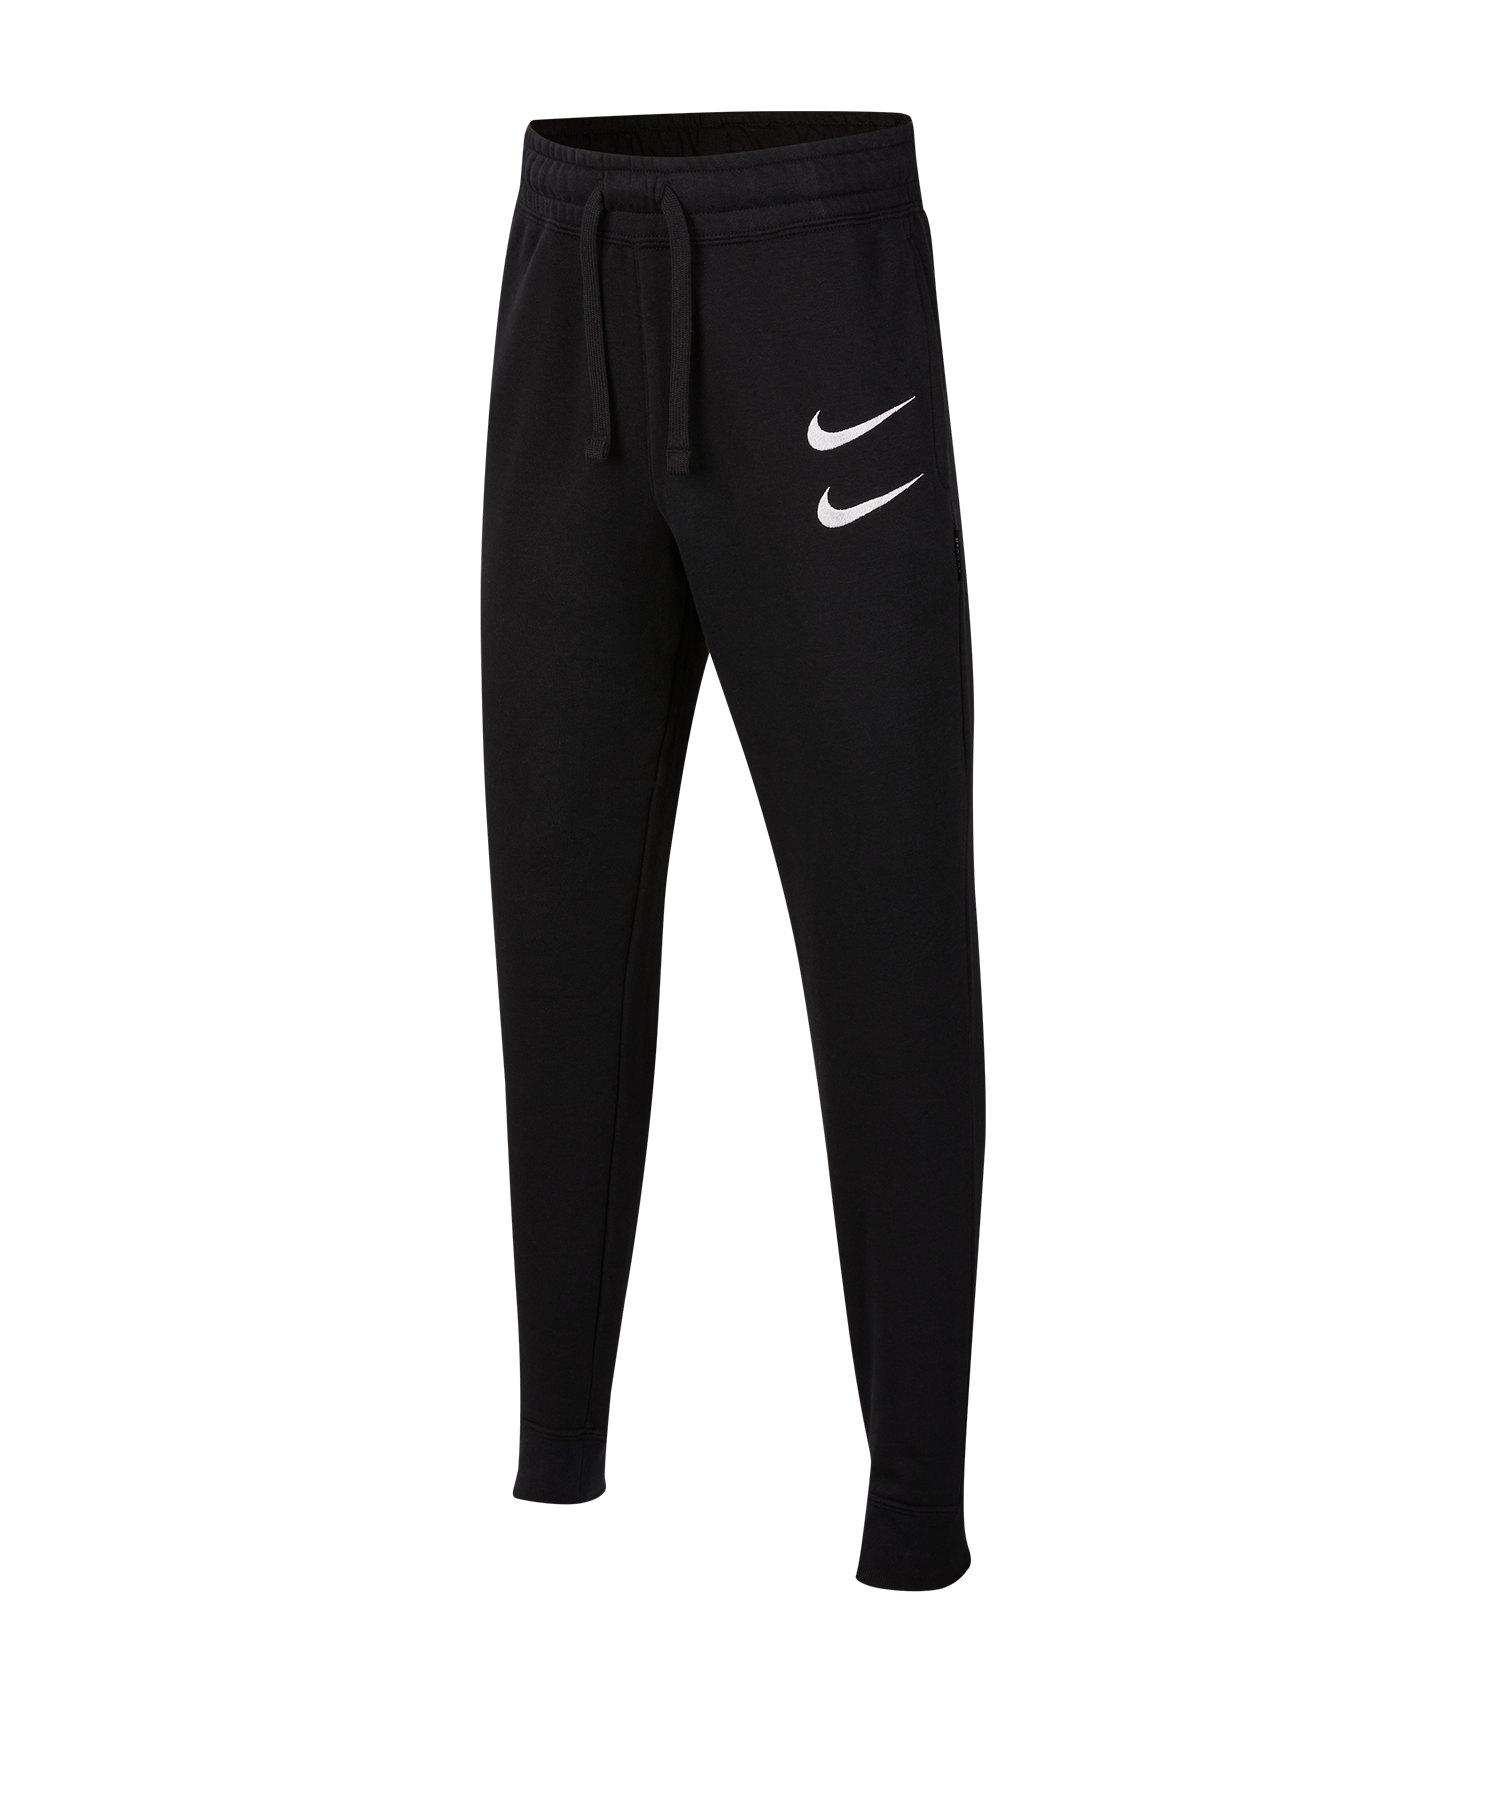 Nike Swoosh Pants Hose lang Kids Schwarz F010 - schwarz